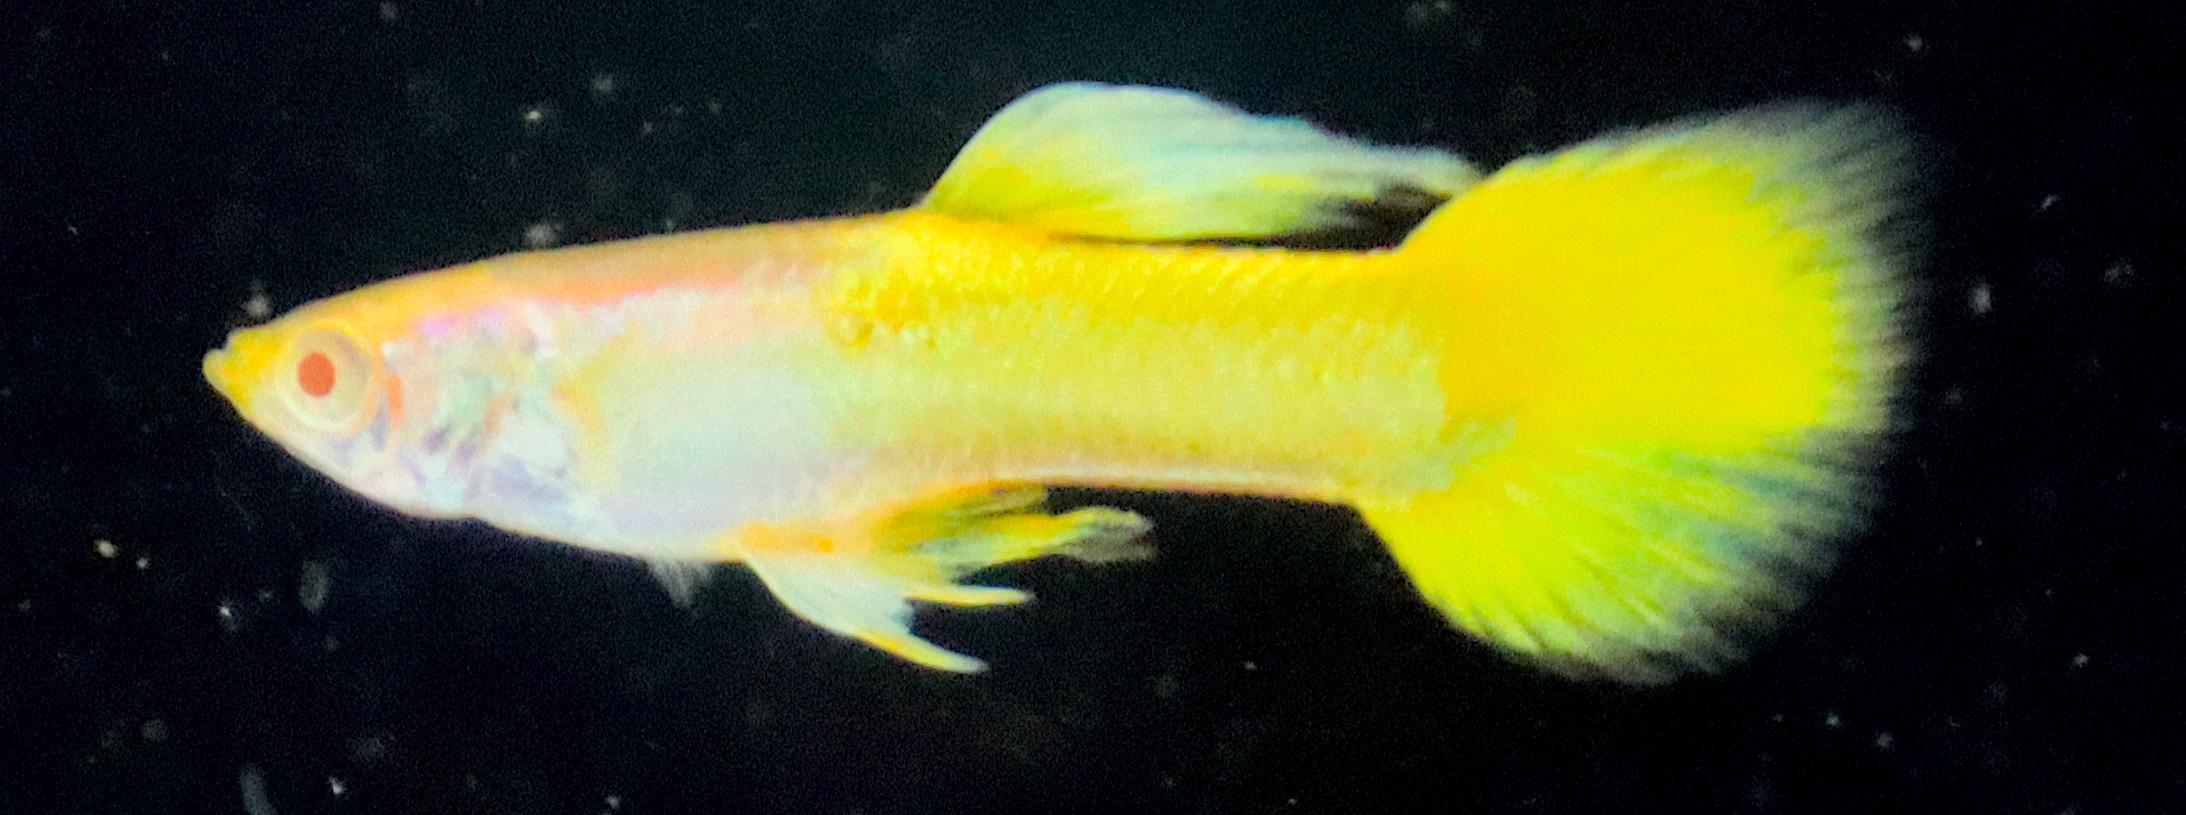 Albino Full Yellow Guppy